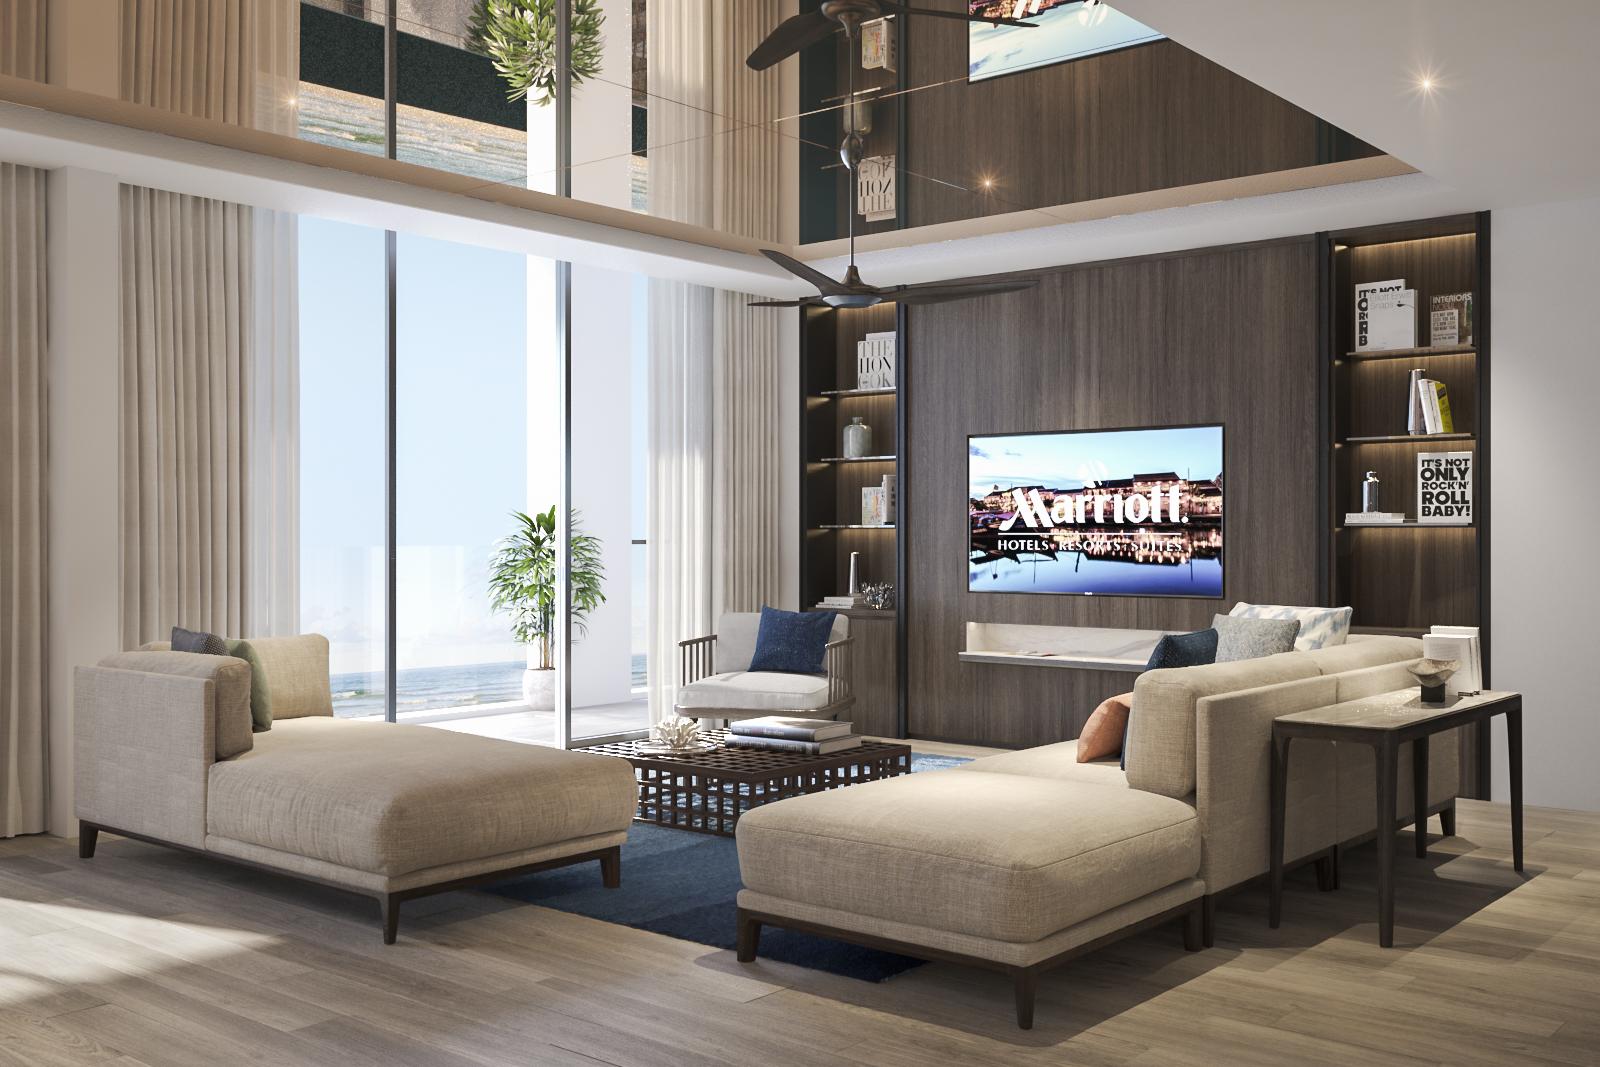 Marriott Resort & Spa Hoi An - Rooms - Presidential Suite